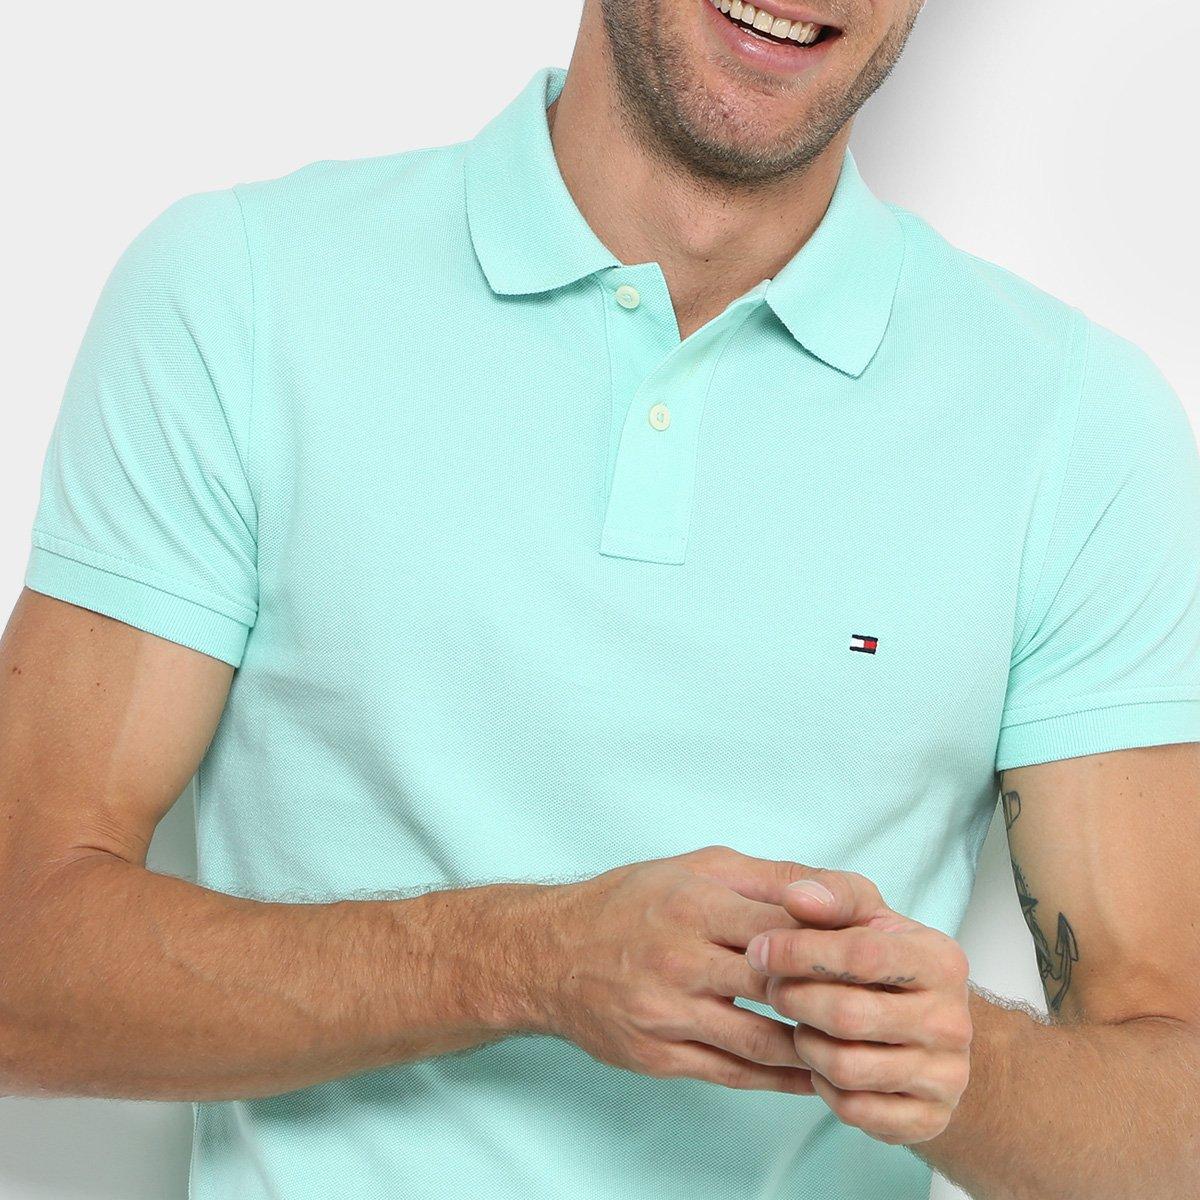 5cd1f802e4d84 ... Camisa Polo Tommy Hilfiger Slim Fit Clássica Masculina - Verde água.  ZATTINI  LANÇAMENTO